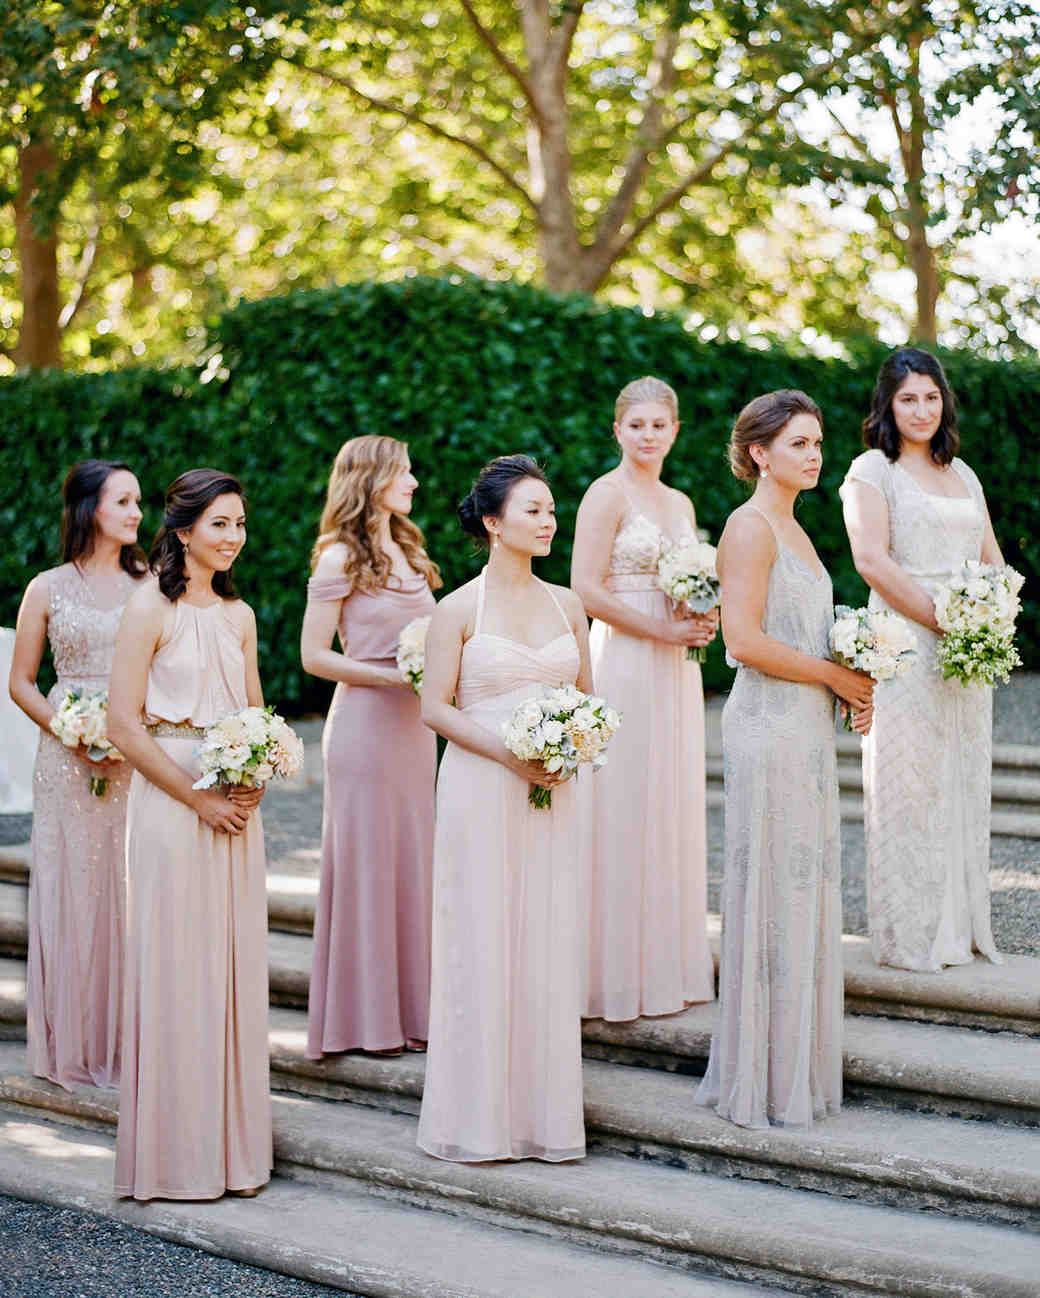 Bridesmaids Dresses with Pink Petal Wedding